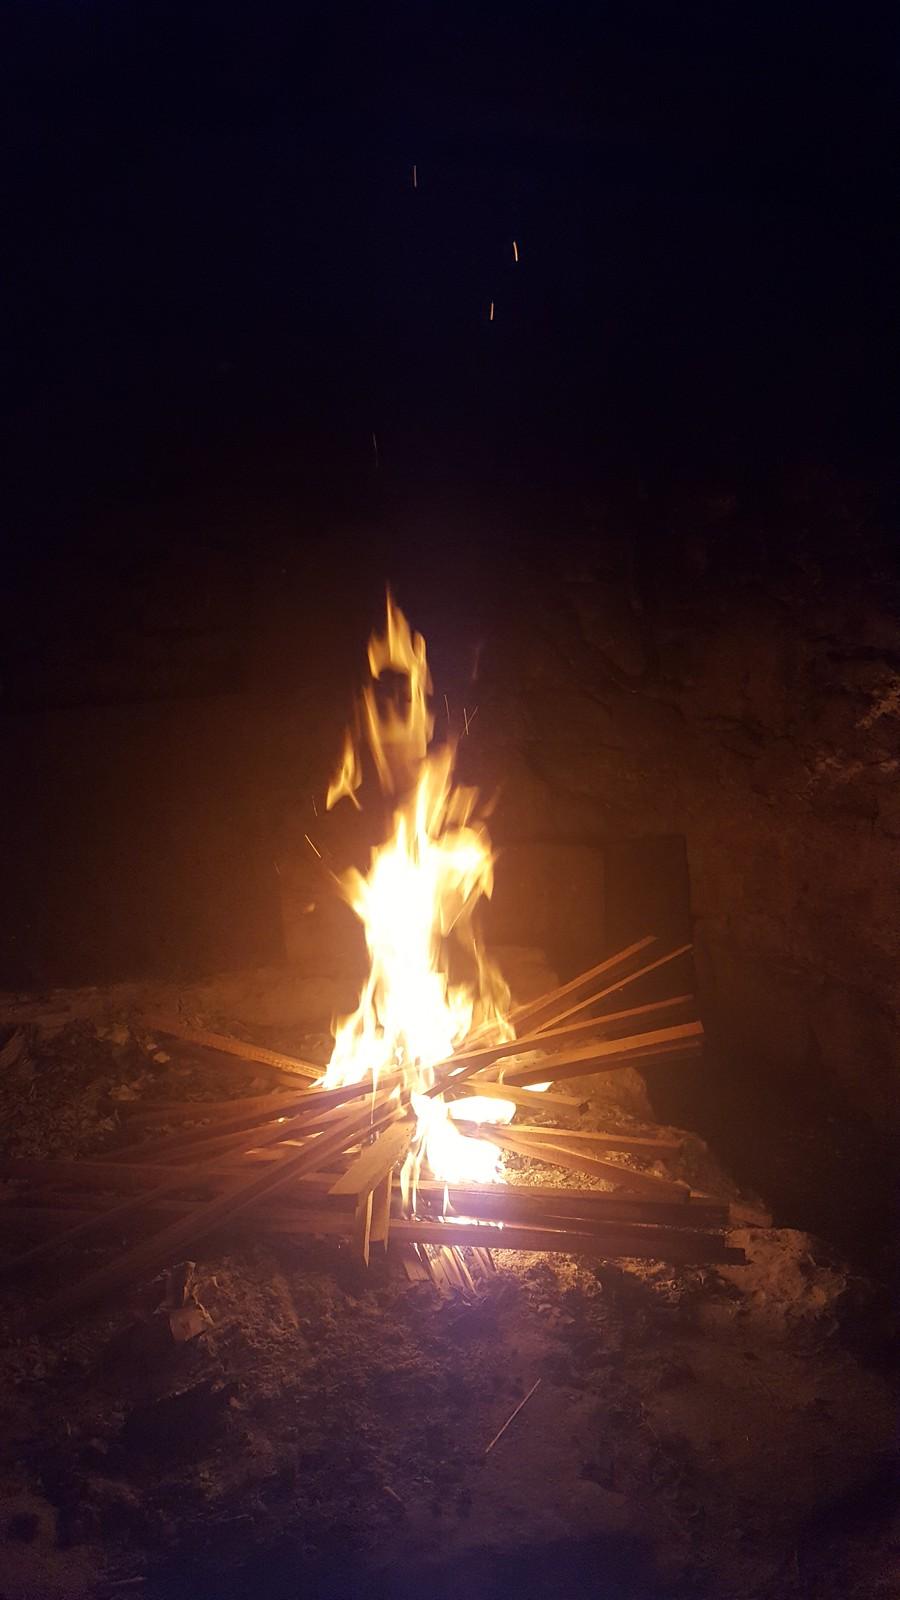 Das Feuer ist faszinierend!